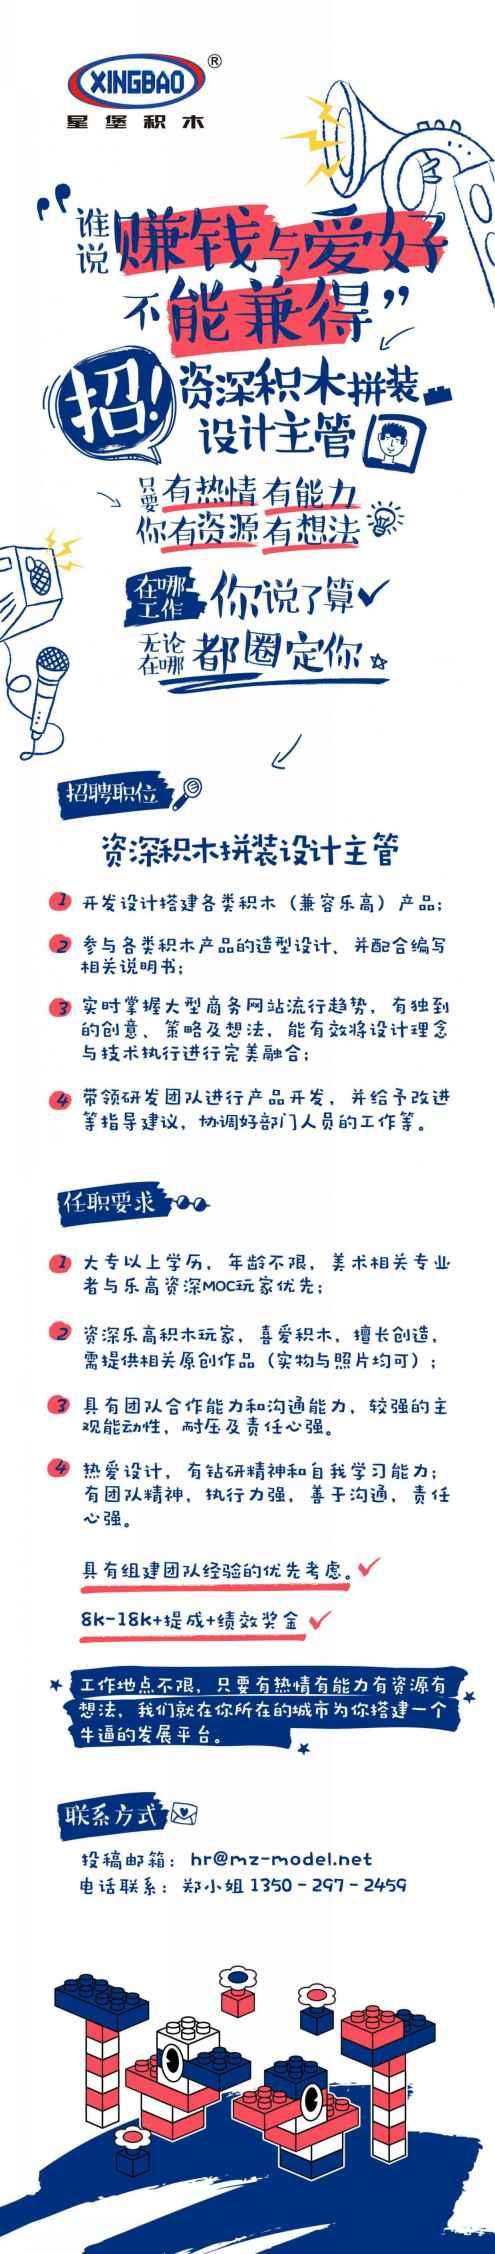 xingbao recruitment